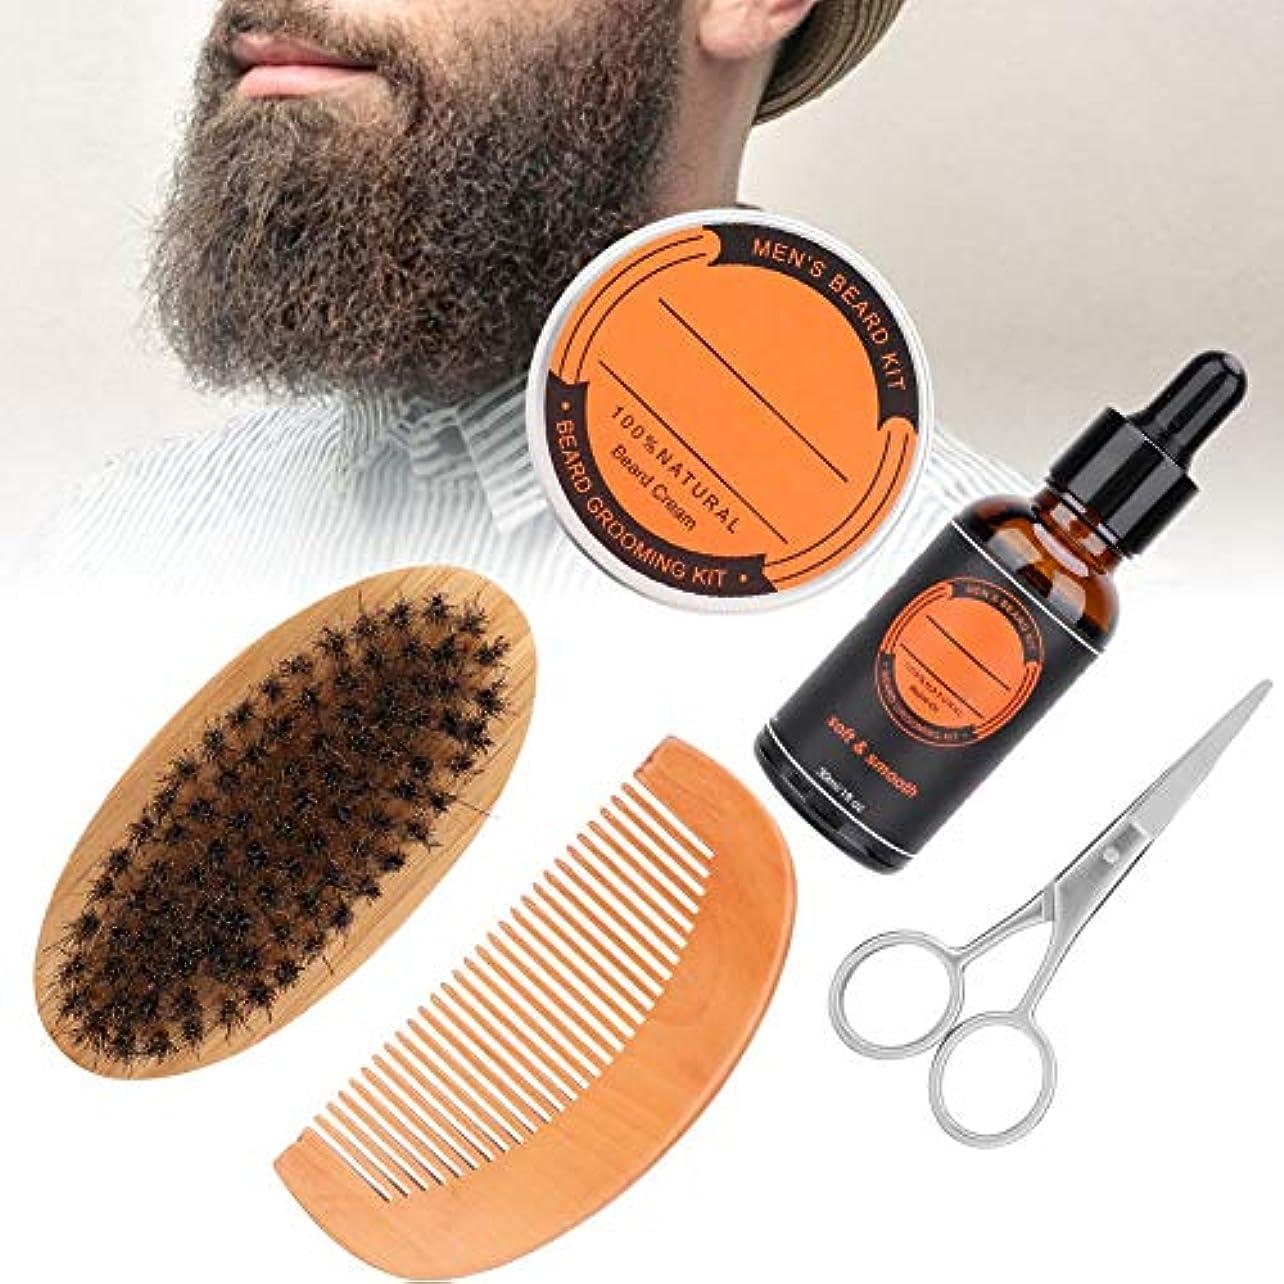 してはいけません無駄にジャム6本のひげの心配のセット、ひげの手入れをするキット、人のひげの心配のキット、人のひげの心配のキットとの最終的なひげの心配のキット香油+髭オイル+櫛+ブラシ+はさみ